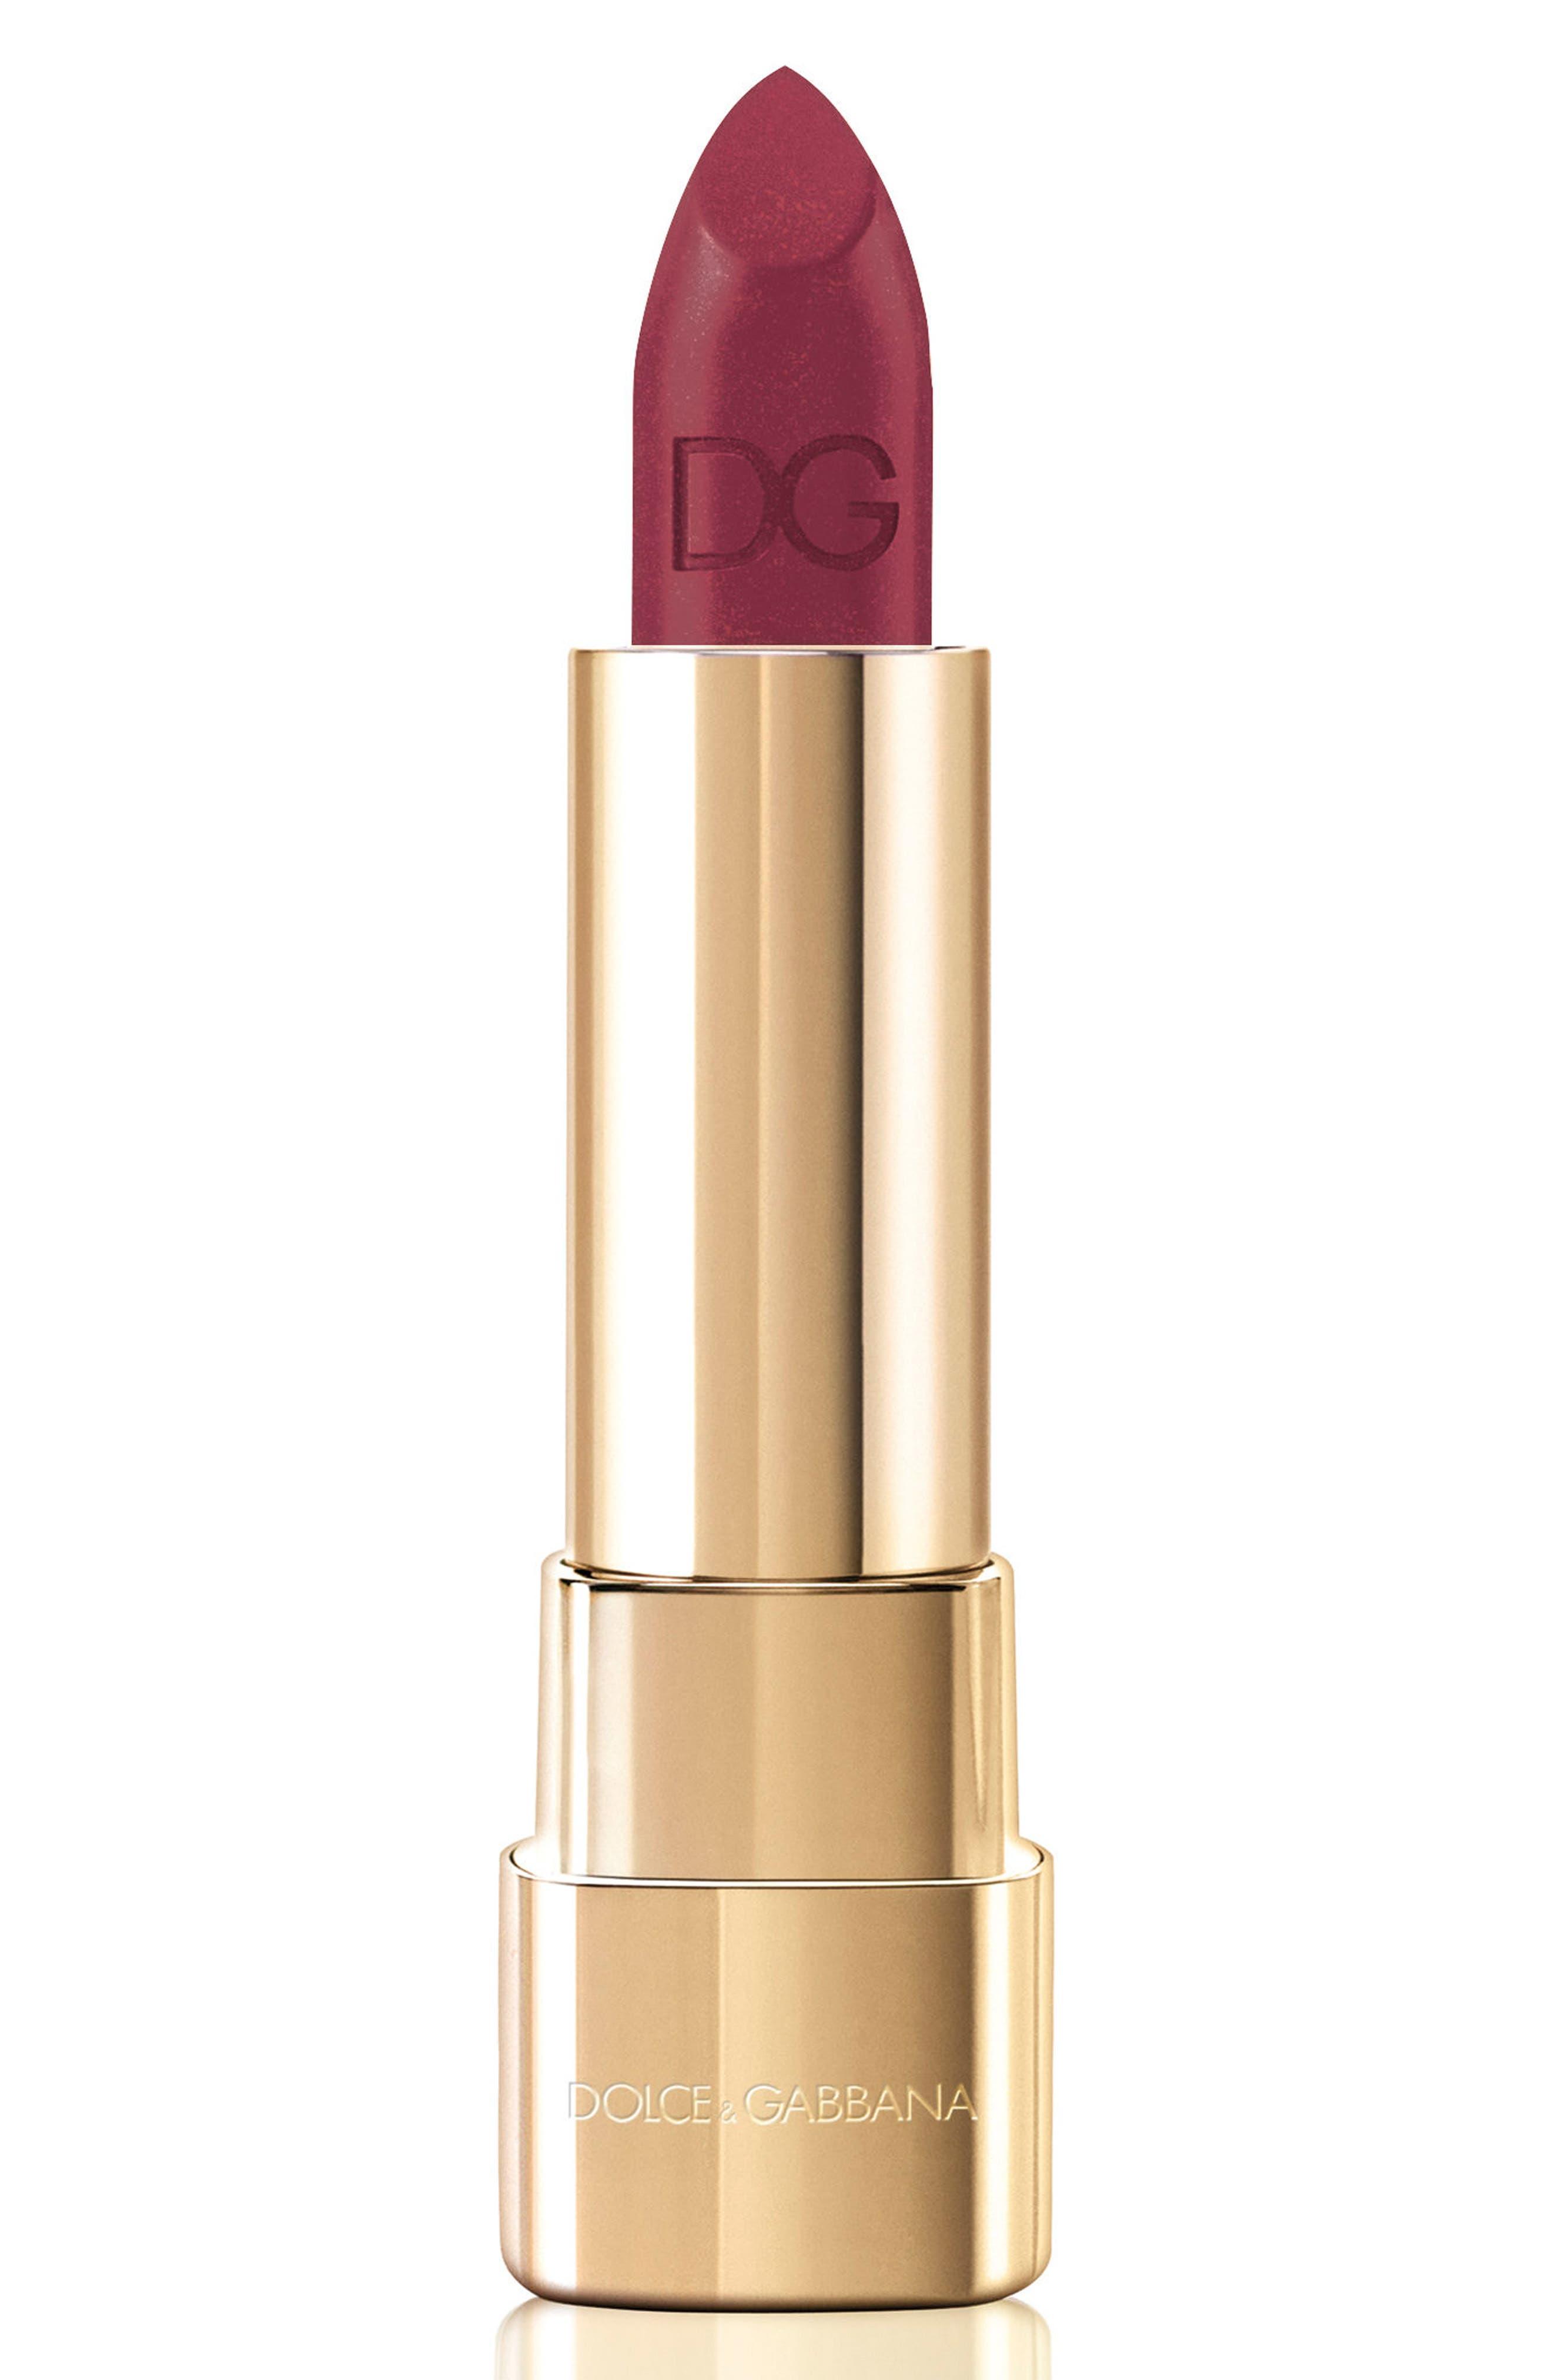 Main Image - Dolce&Gabbana Beauty Shine Lipstick